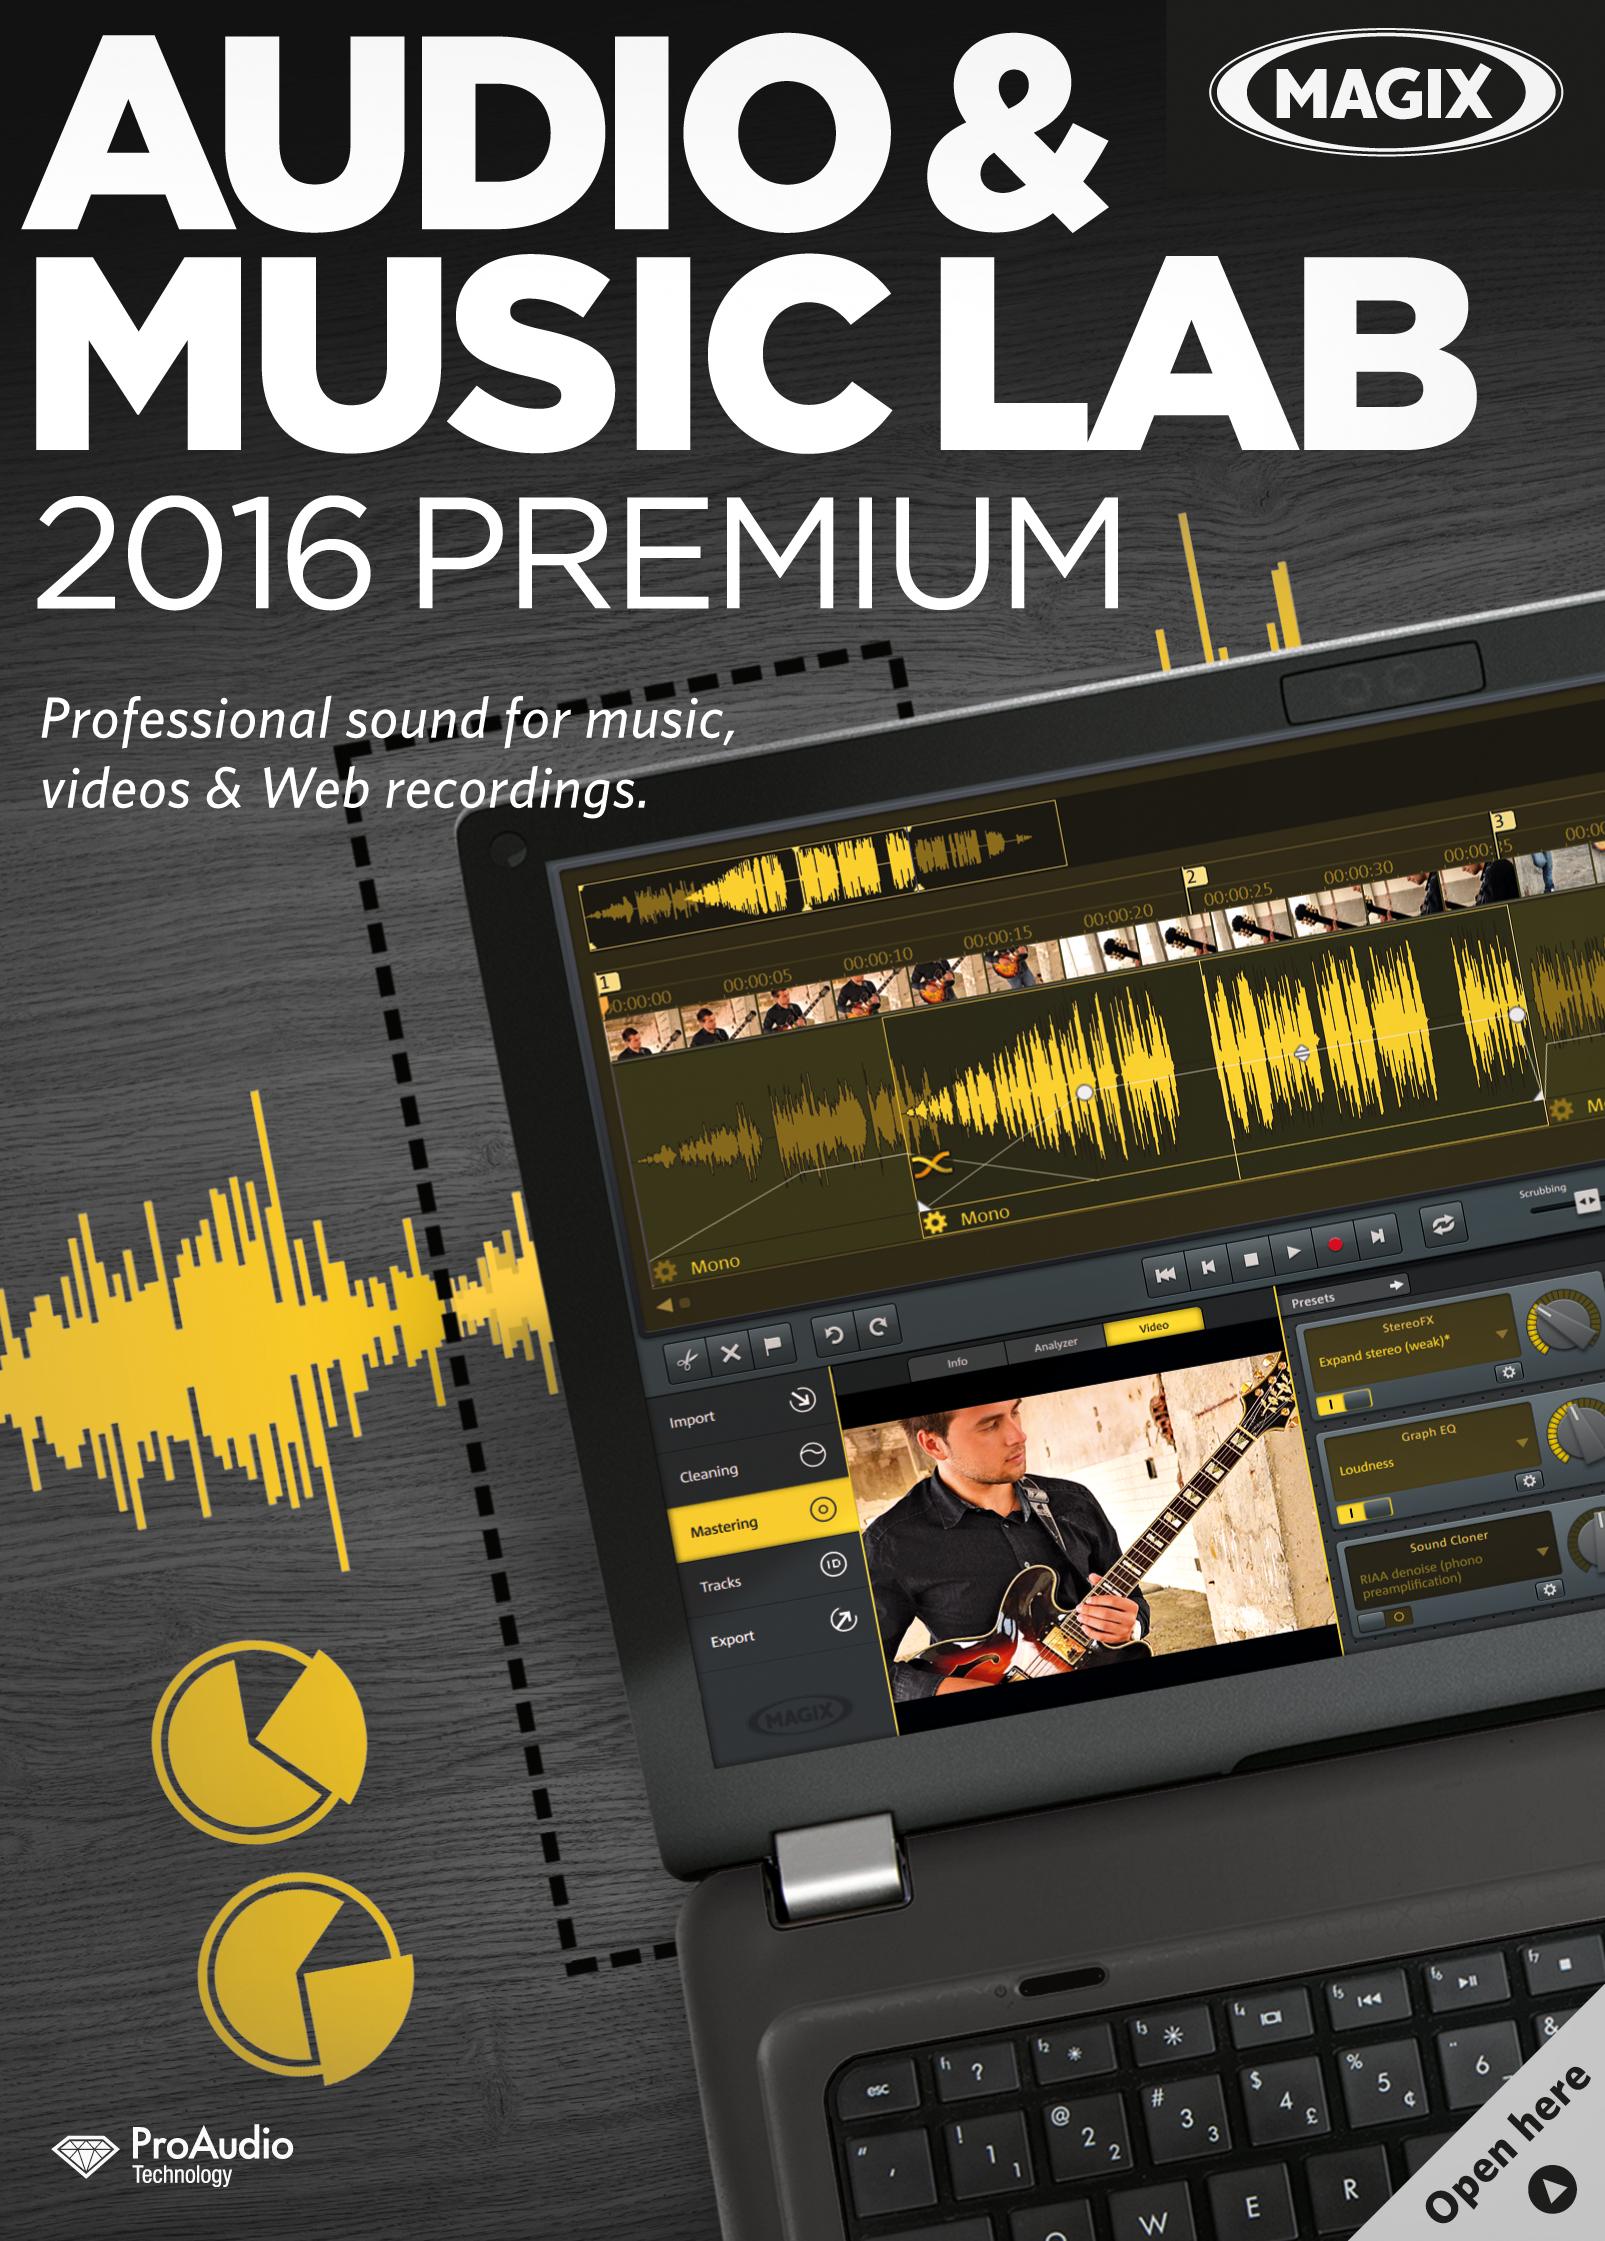 MAGIX Audio & Music Lab 2016 Premium [Download]